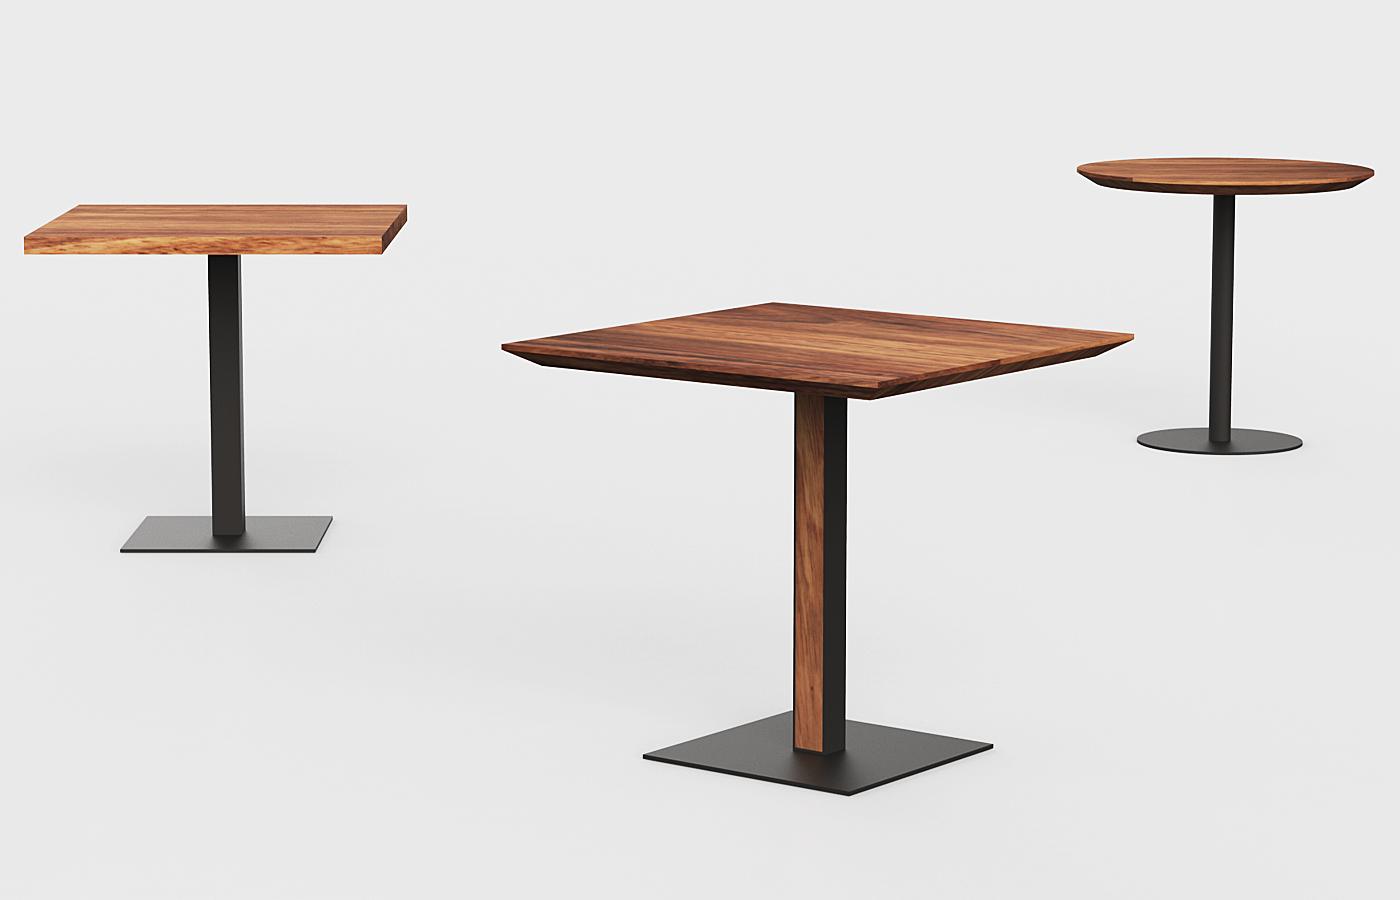 Mesas para Bar  PAROTAS  Muebles de Parota  CDMX